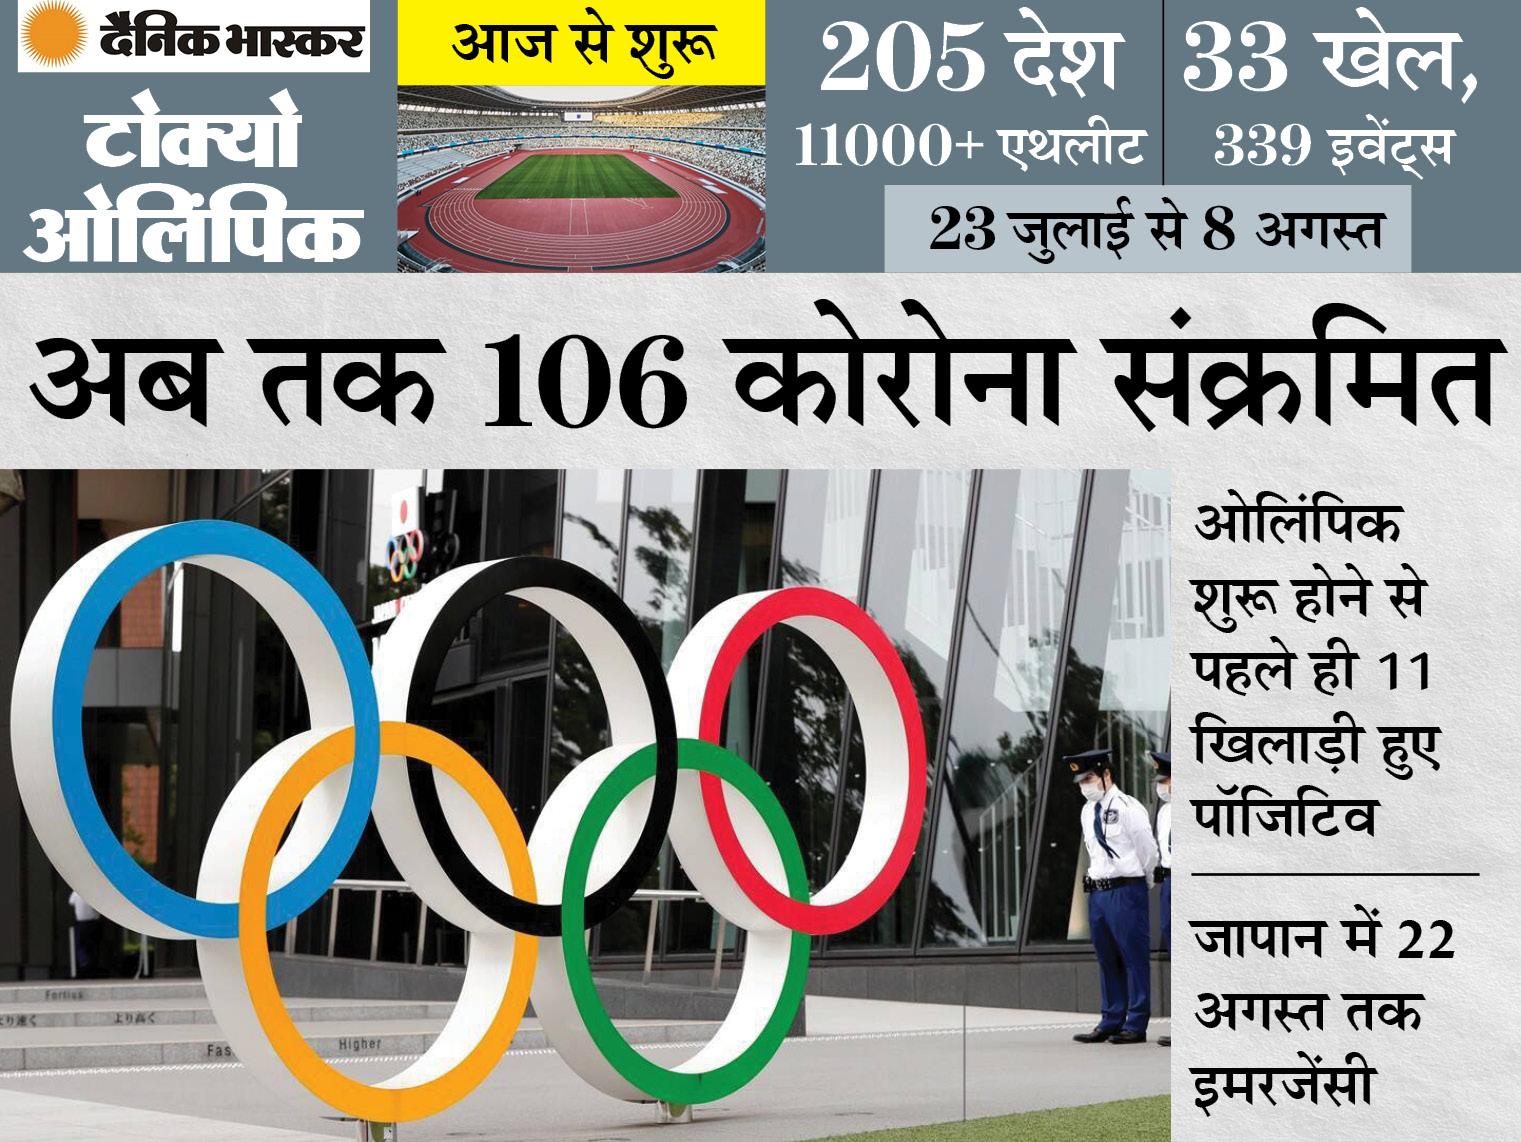 3 खिलाड़ी सहित 19 लोग कोरोना संक्रमित; ओपनिंग सेरेमनी में सम्राट नारुहितो और अमेरिका की प्रथम महिला जिल बाइडेन मौजूद रहेंगी टोक्यो ओलिंपिक,Tokyo Olympics - Dainik Bhaskar